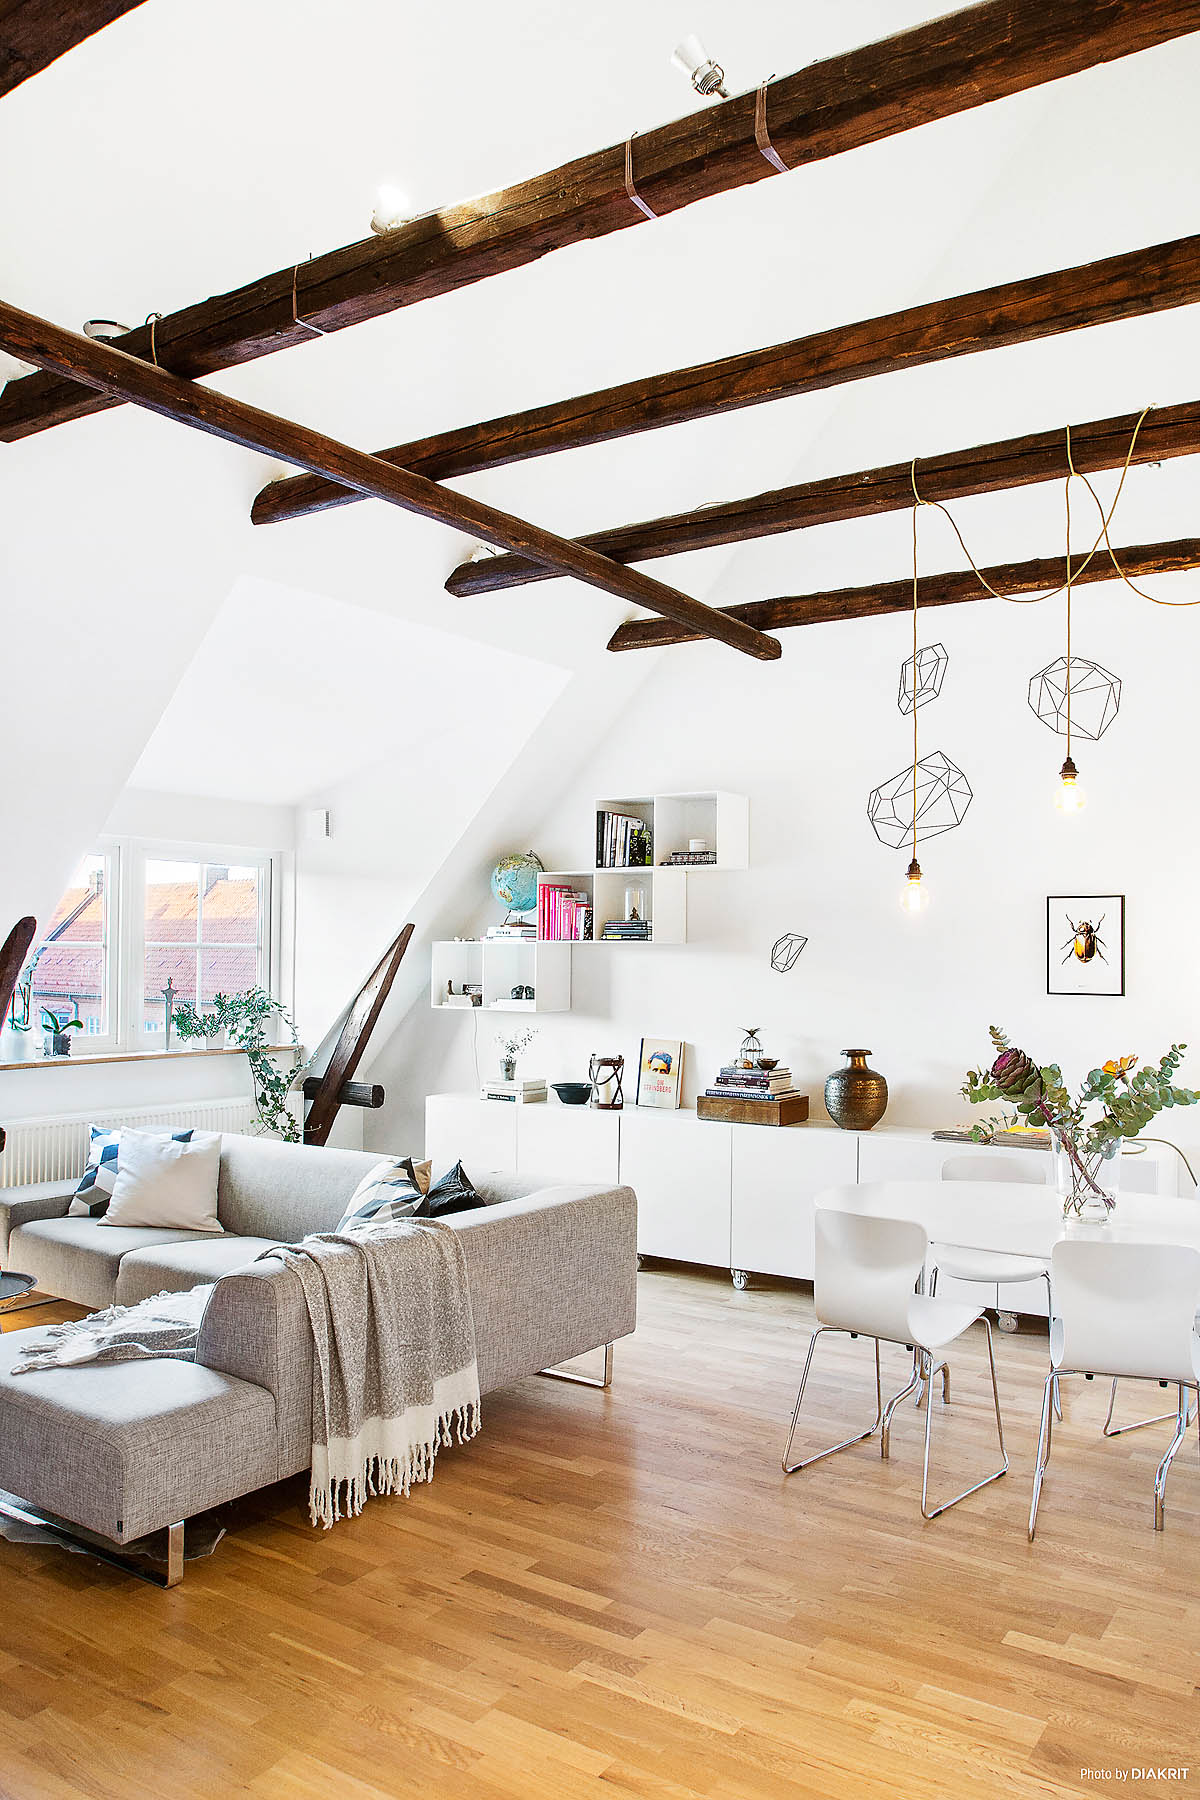 un loft familial avec une pointe de fantaisie planete deco a homes world bloglovin. Black Bedroom Furniture Sets. Home Design Ideas